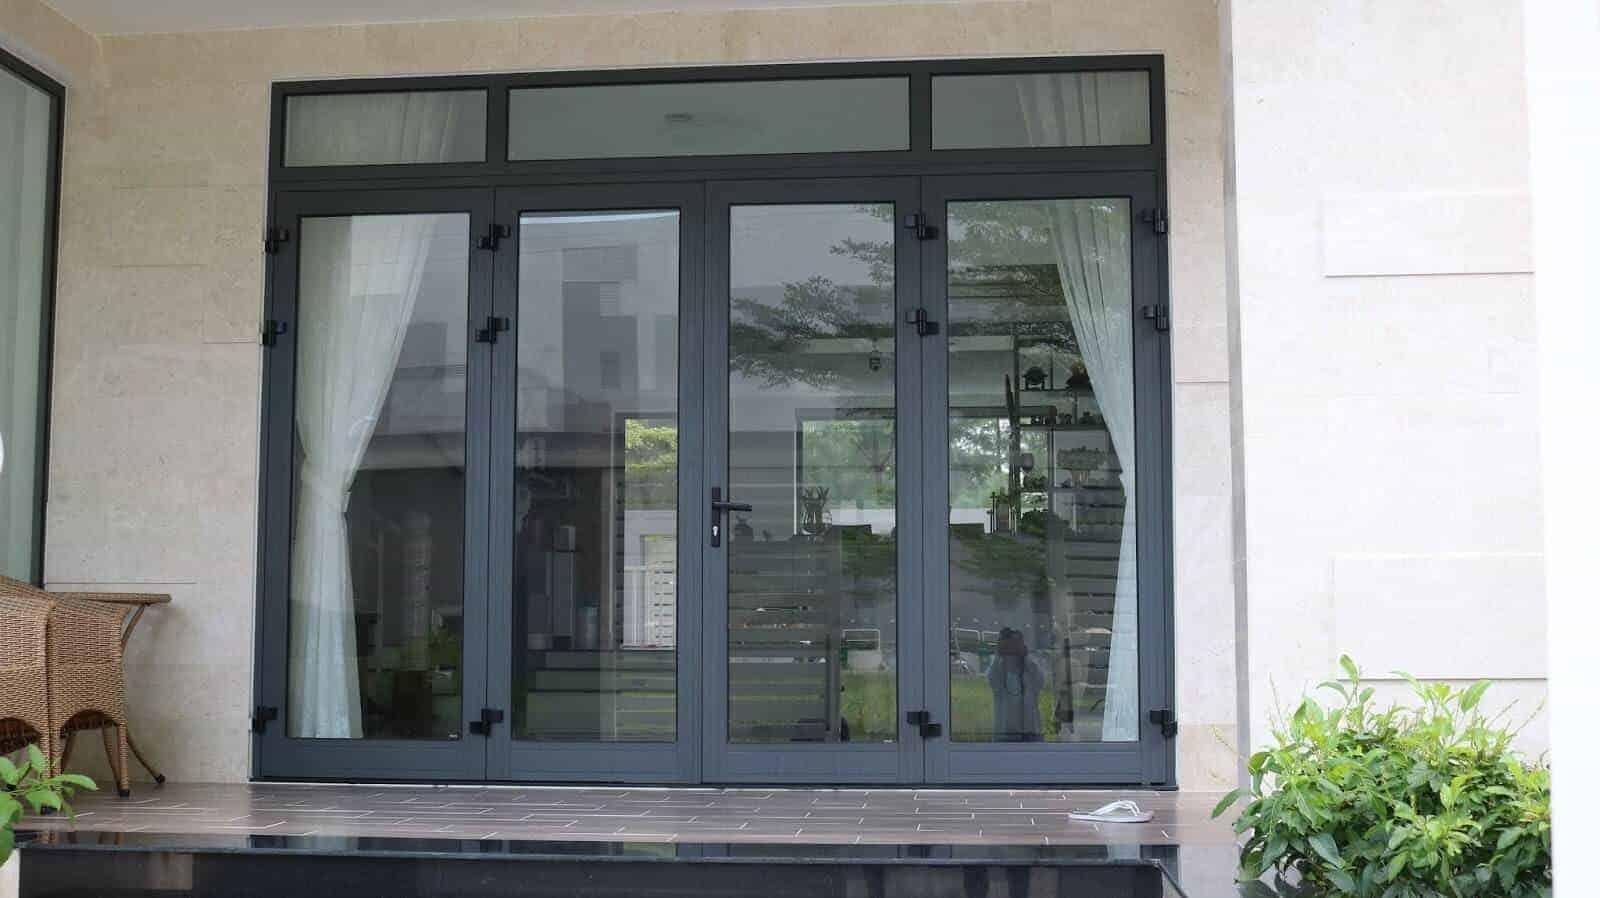 mẫu cửa chính 4 cánh nhôm mở quay hiện đại